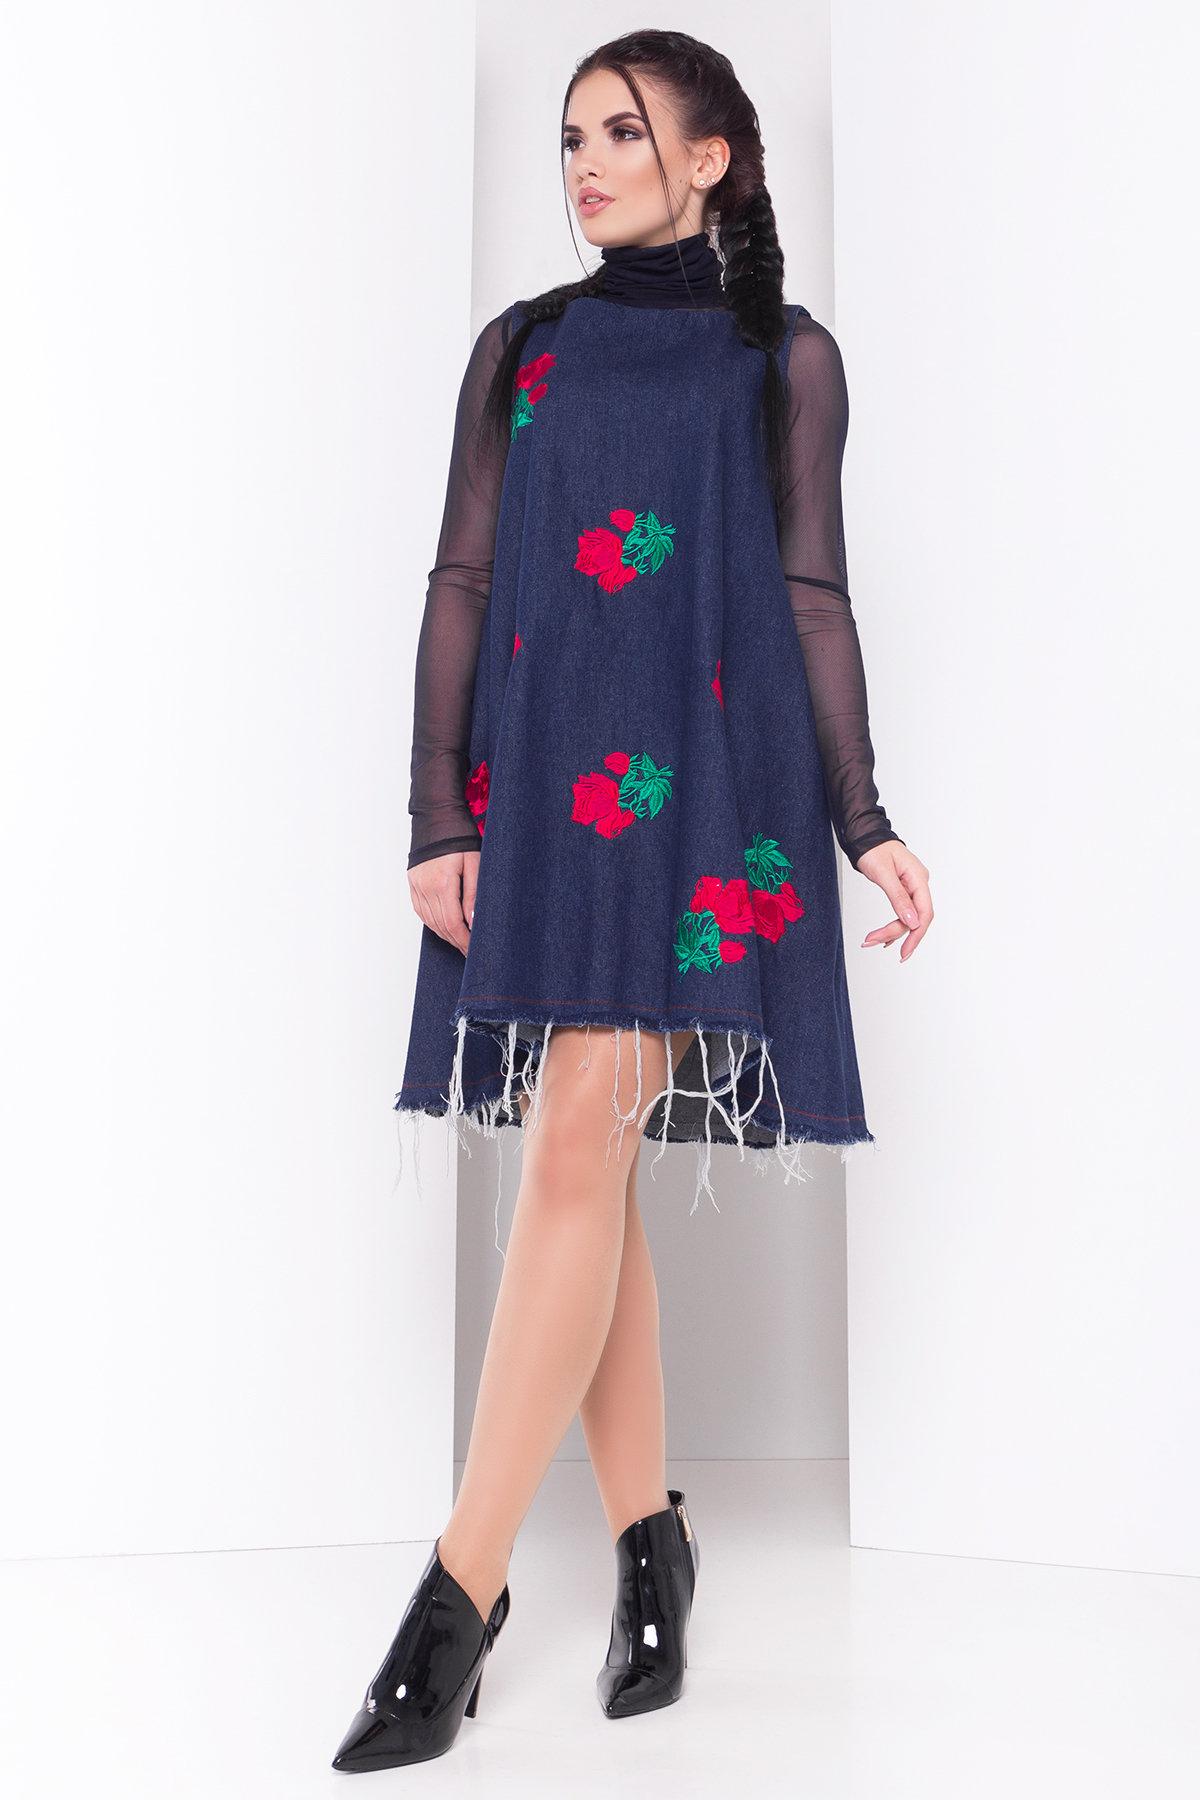 купить платье в Харькове Платье Индира лайт 3448